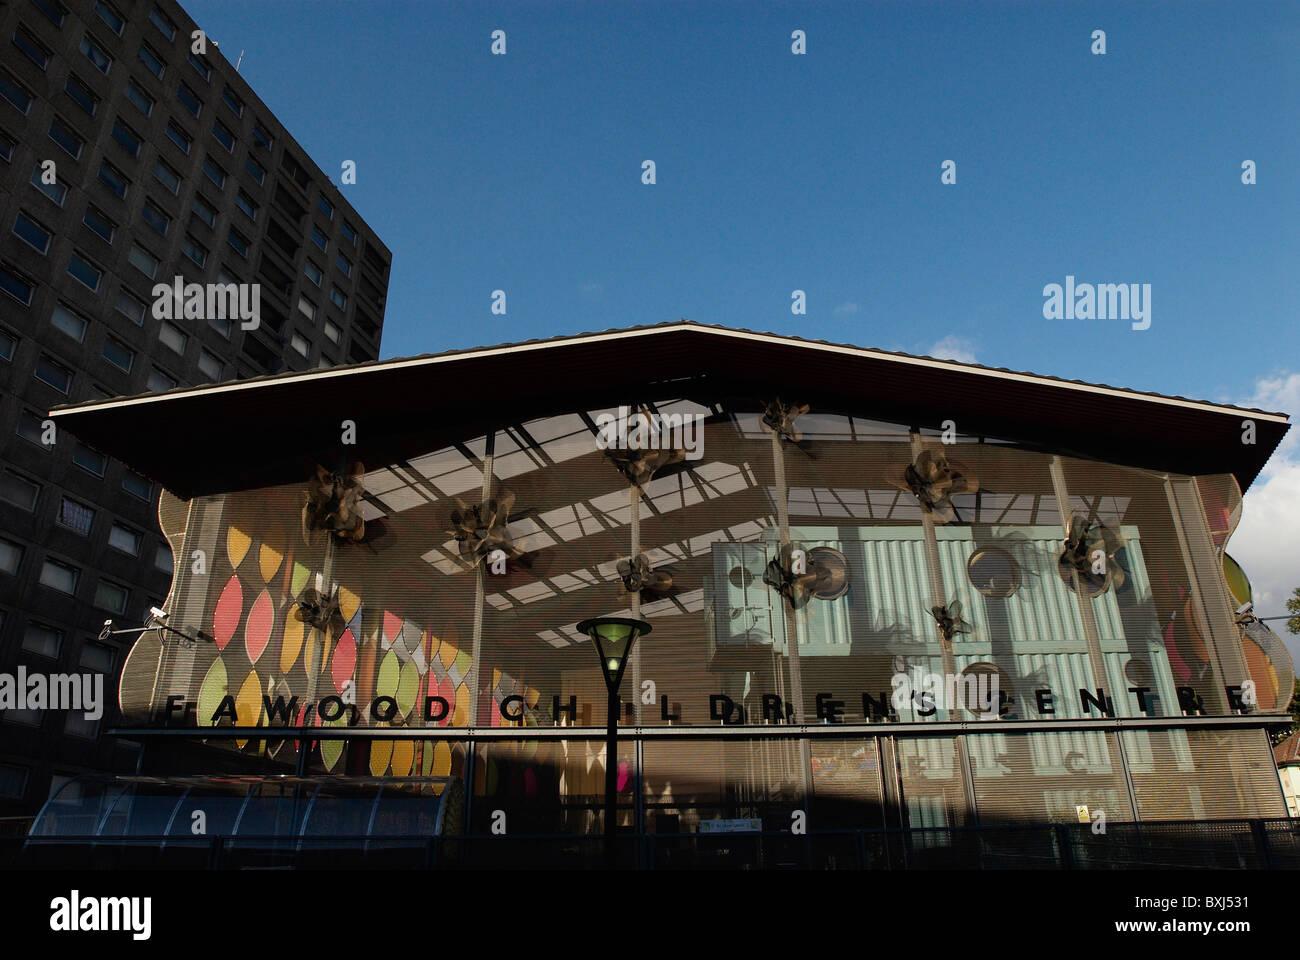 Stonebridge Pépinière conçu par Alsop Architects boîtier unique avec des murs revêtus de maille et toit en tôle du nord de Londres, UK Banque D'Images